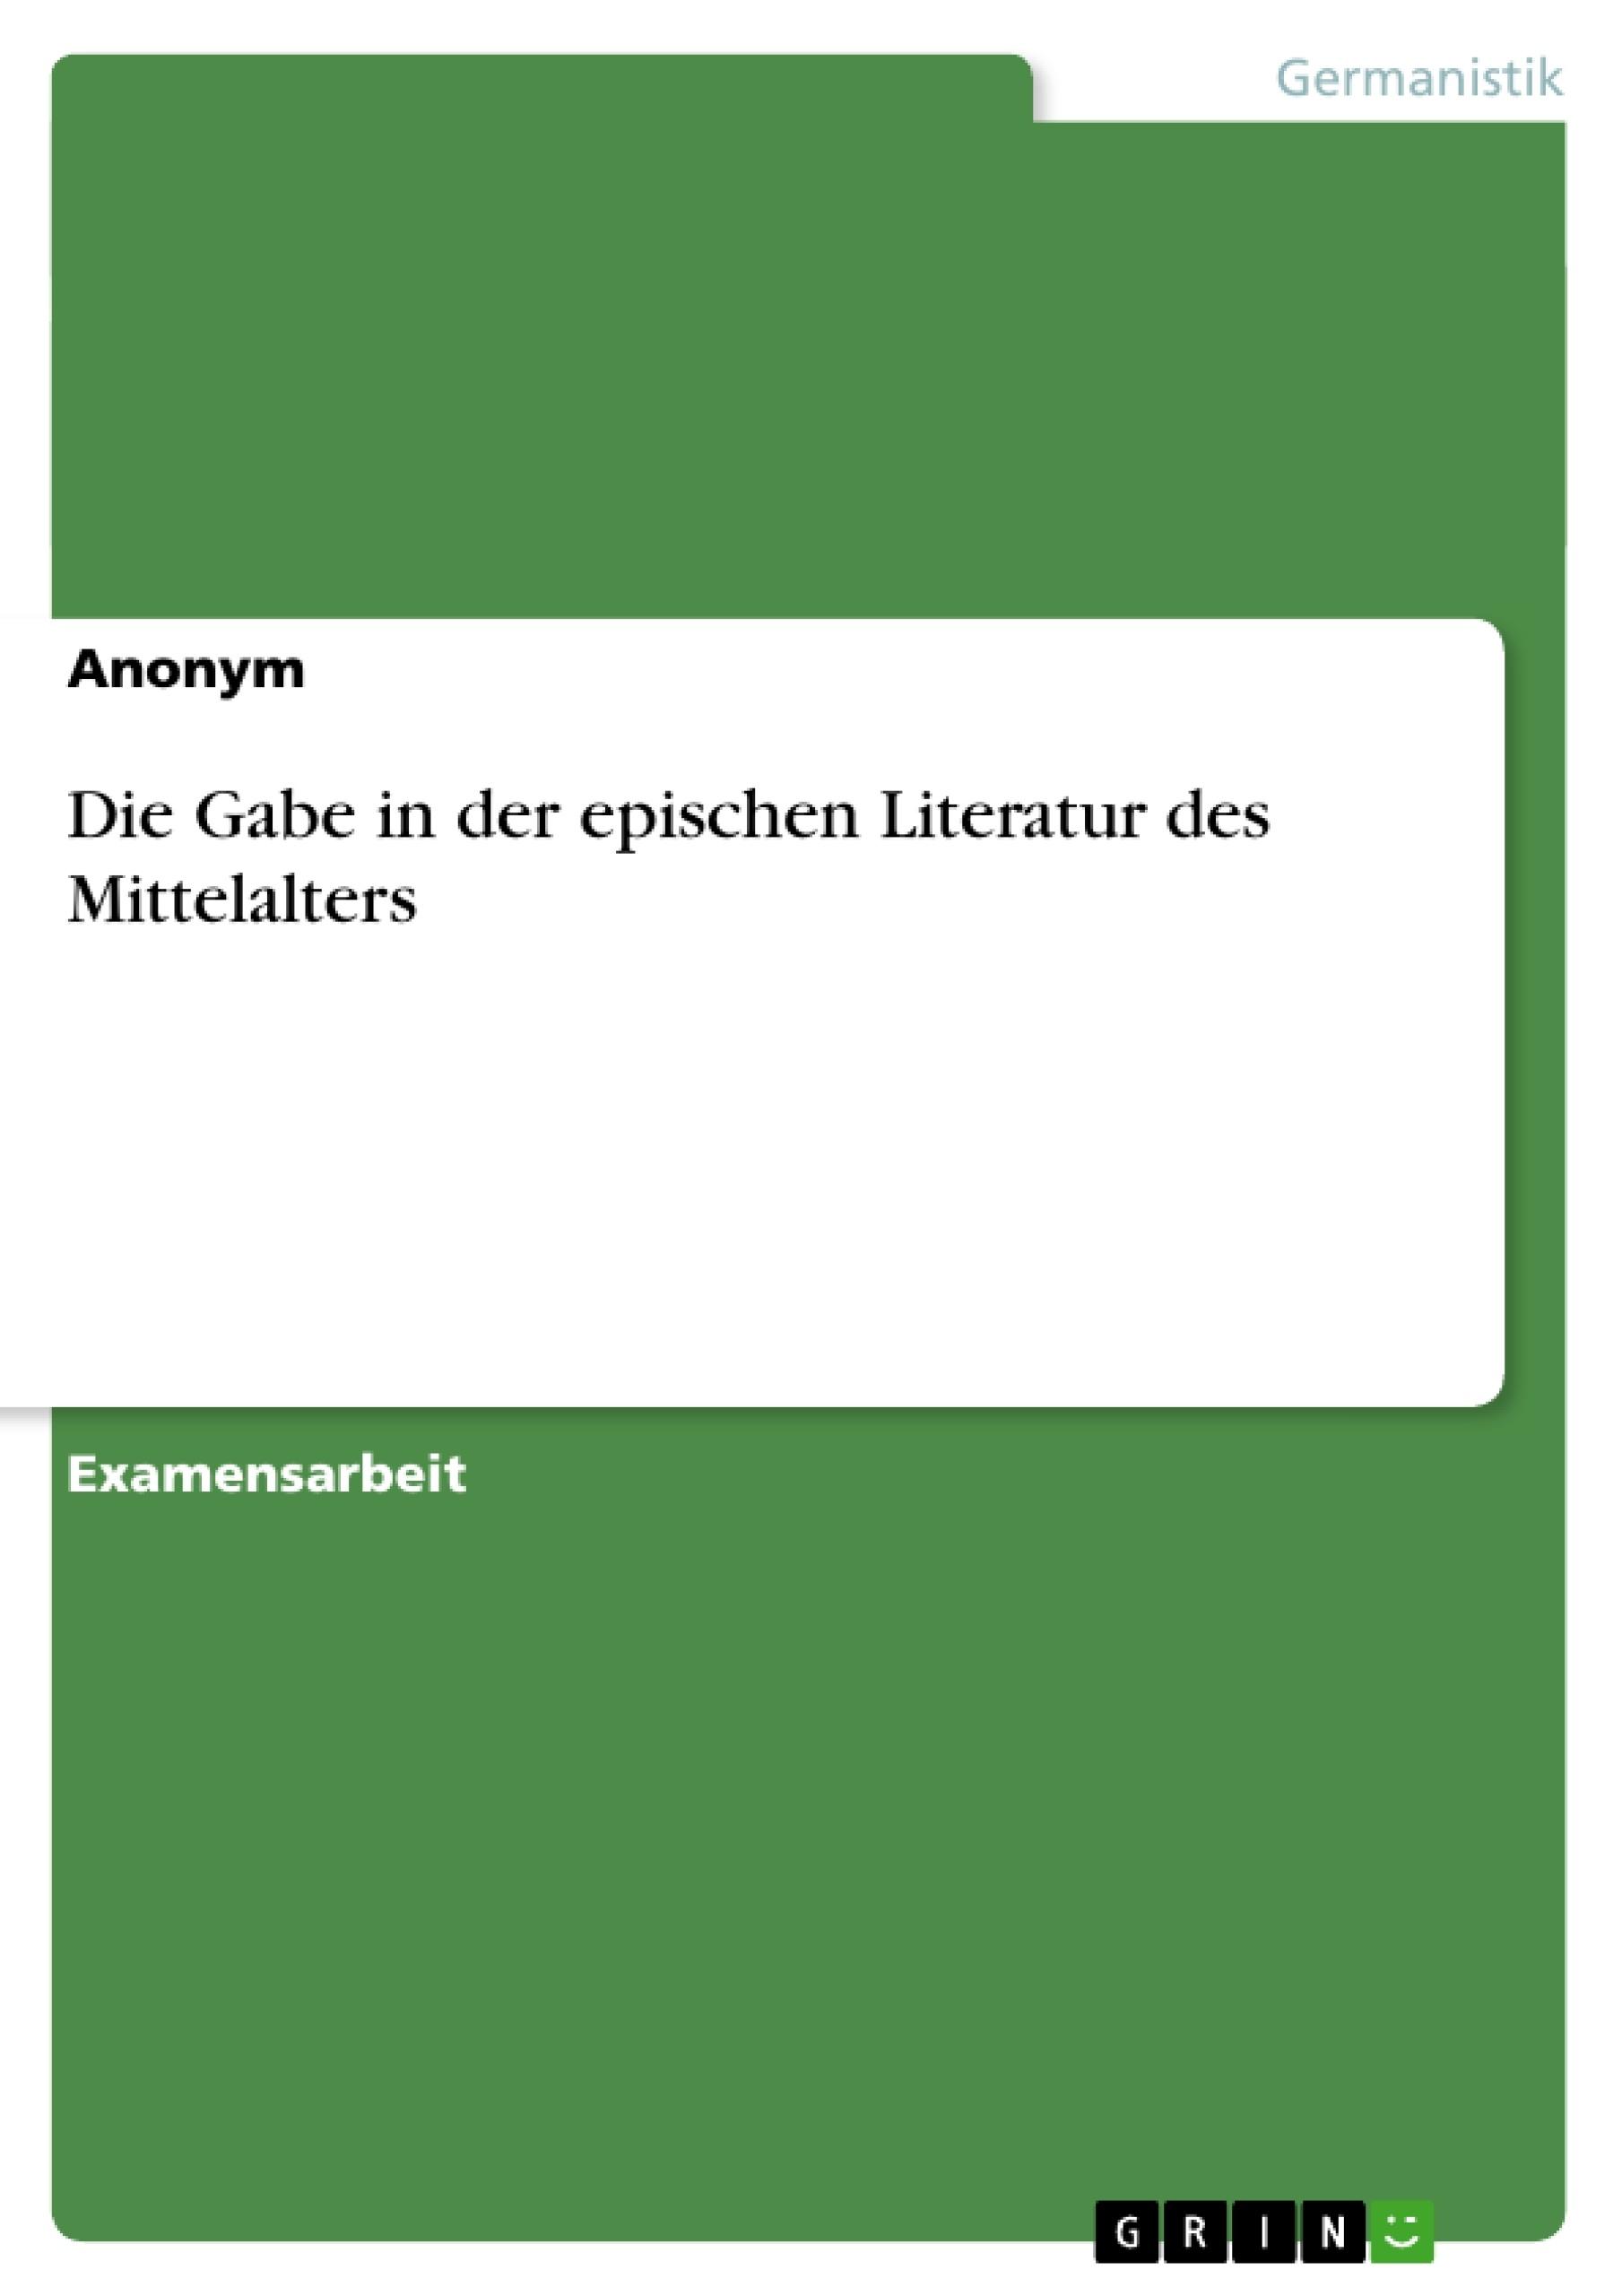 Titel: Die Gabe in der epischen Literatur des Mittelalters